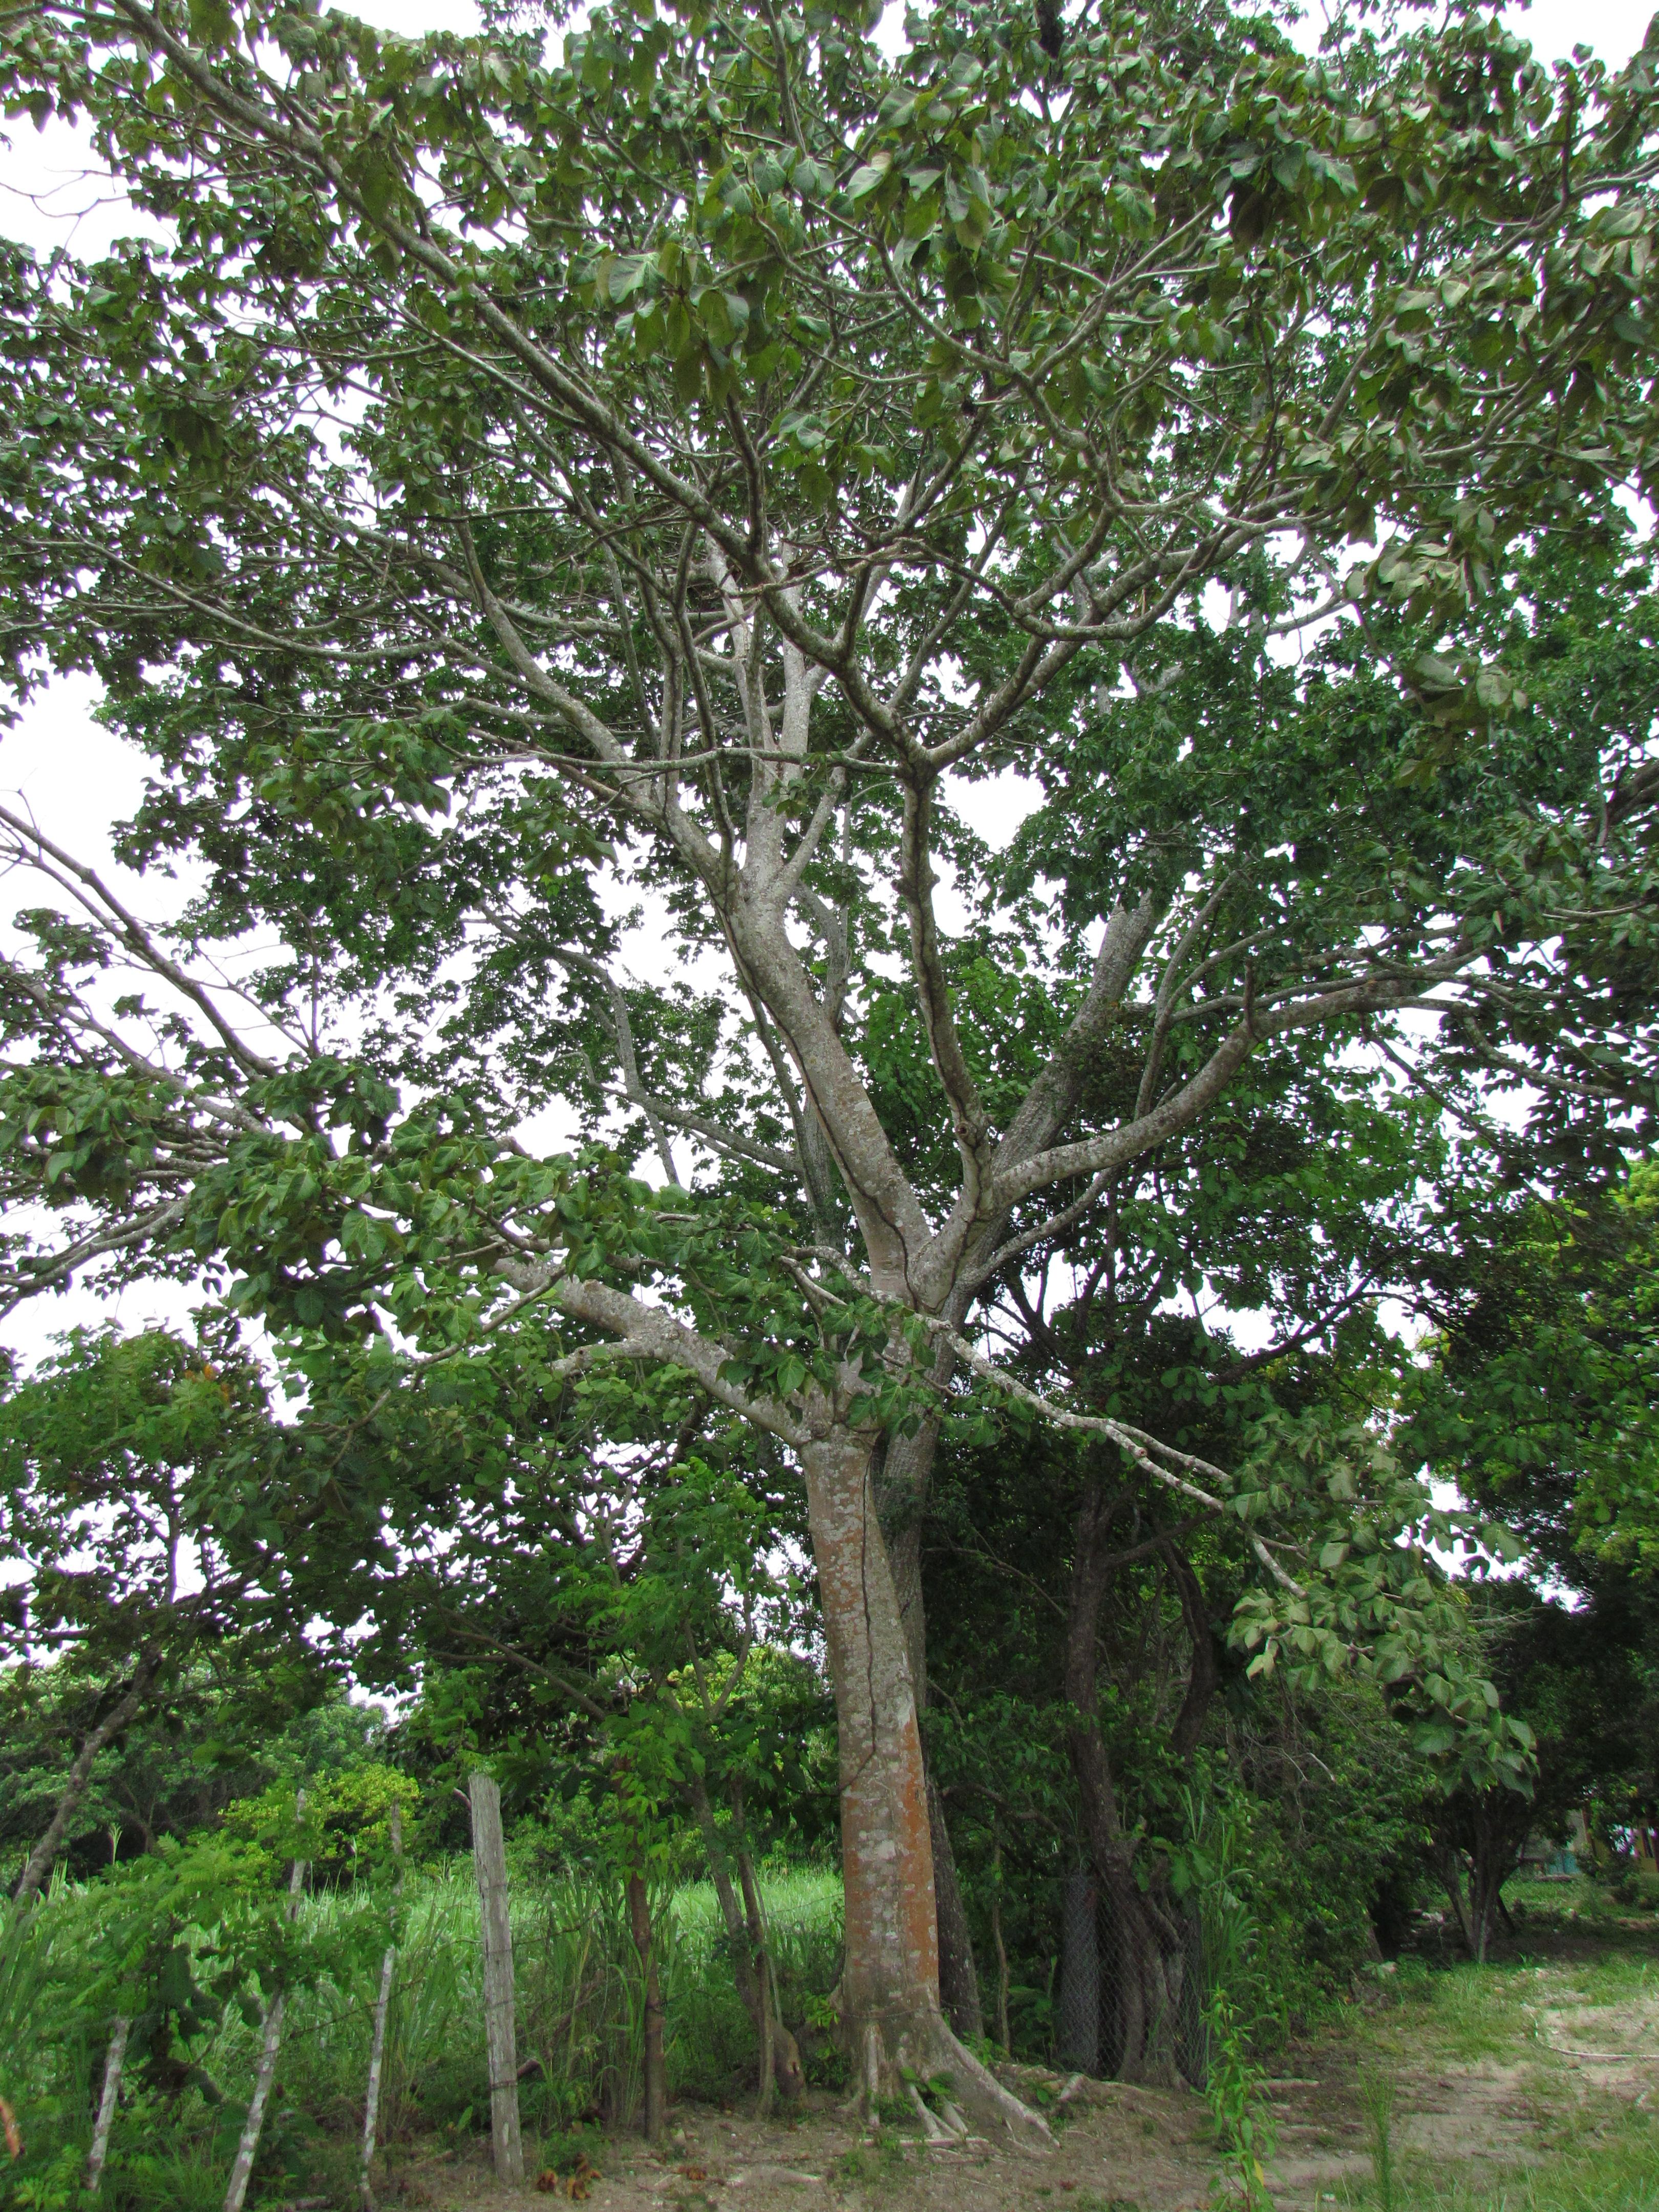 Rbol nacional de panam sterculia apetala biota panama for Vivero arboles grandes